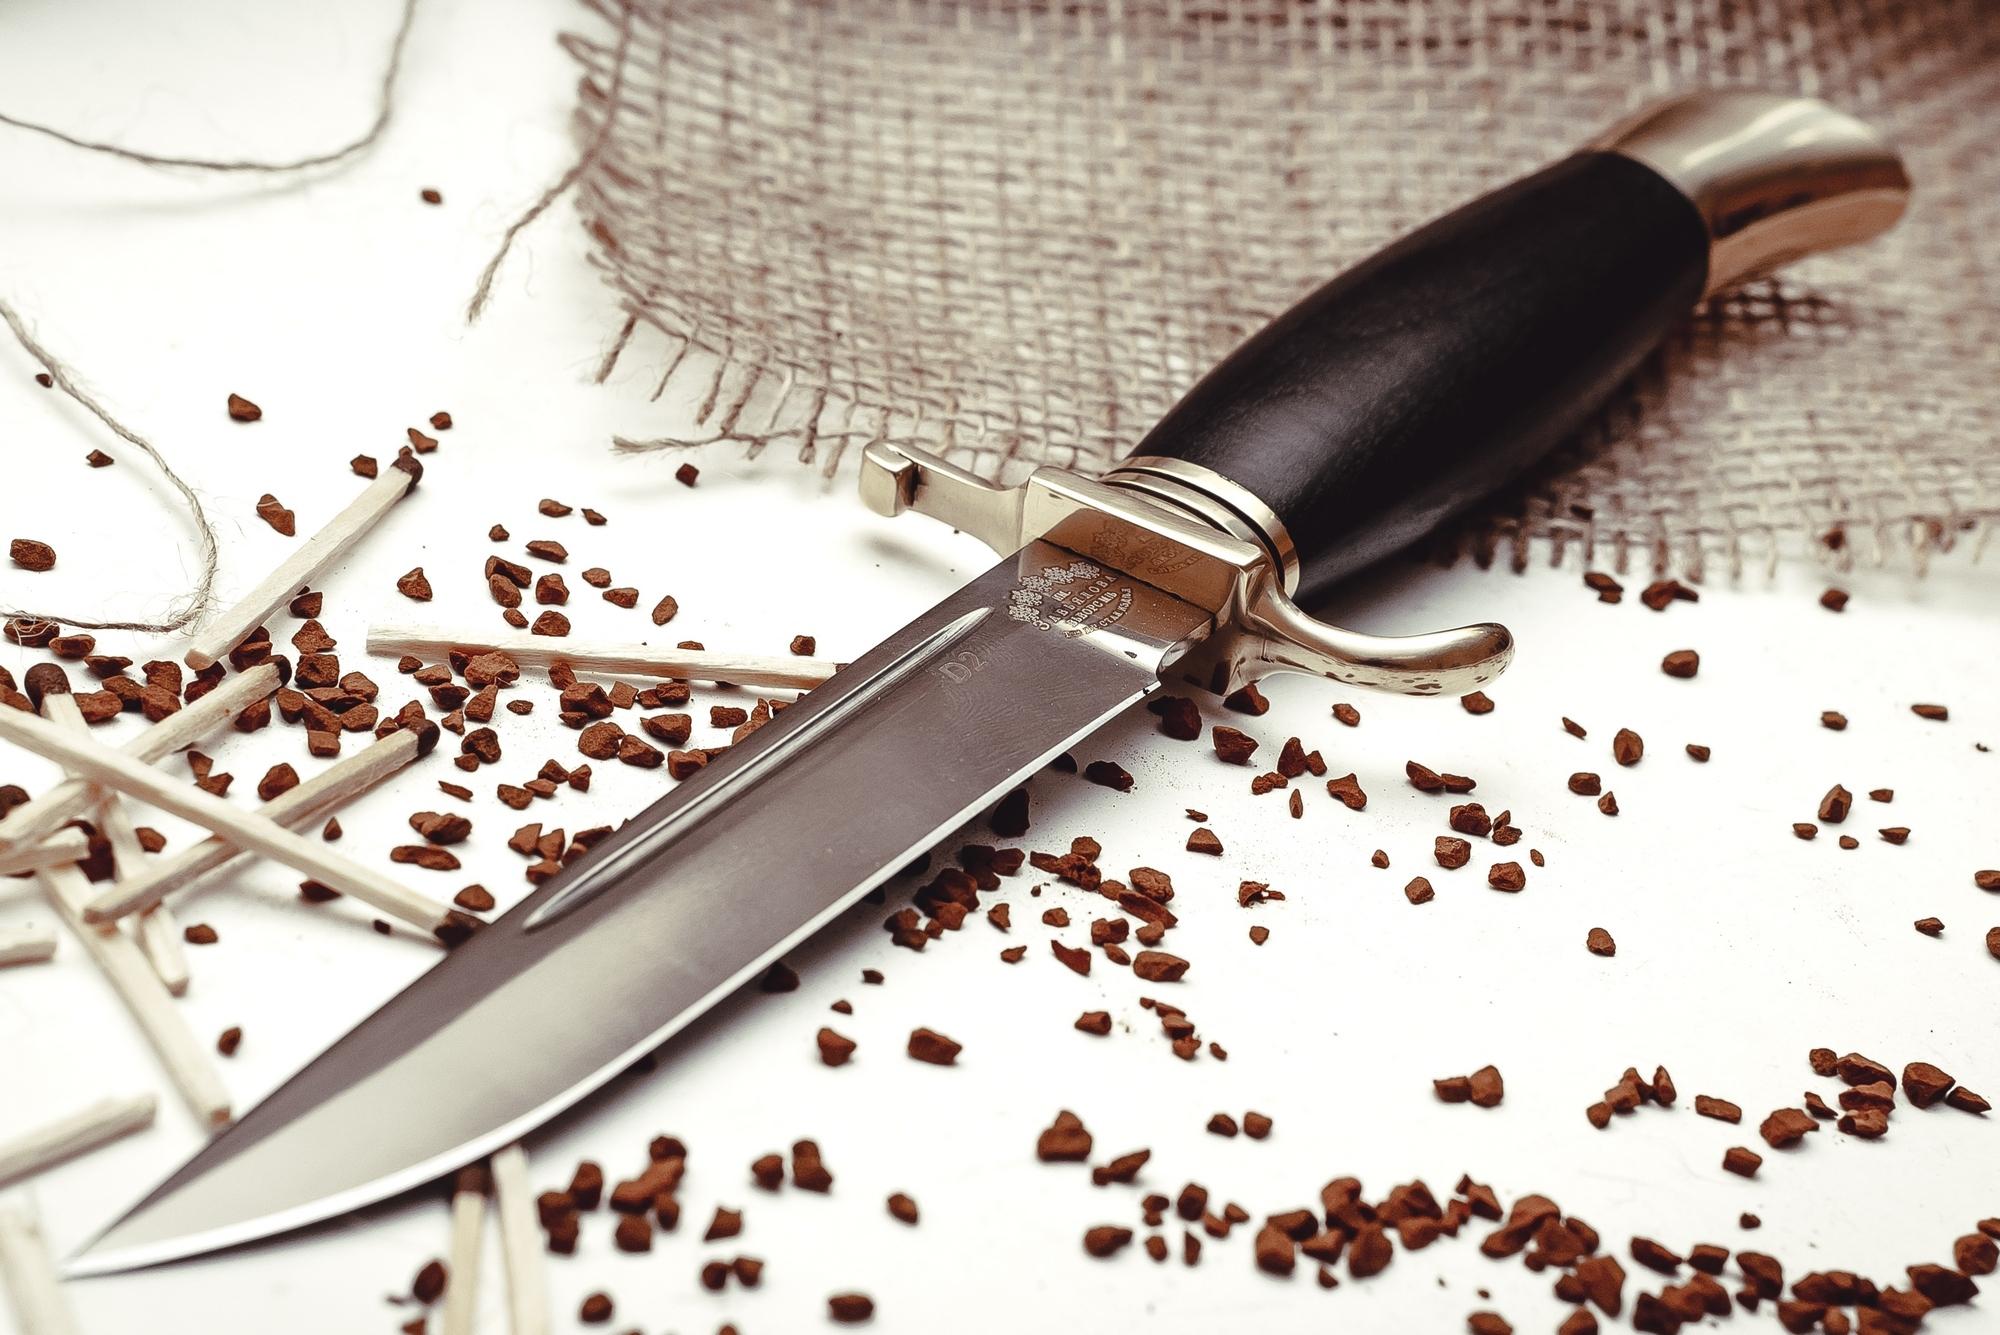 Фото 6 - Нож Финка НКВД, D2 от Кузница Завьялова